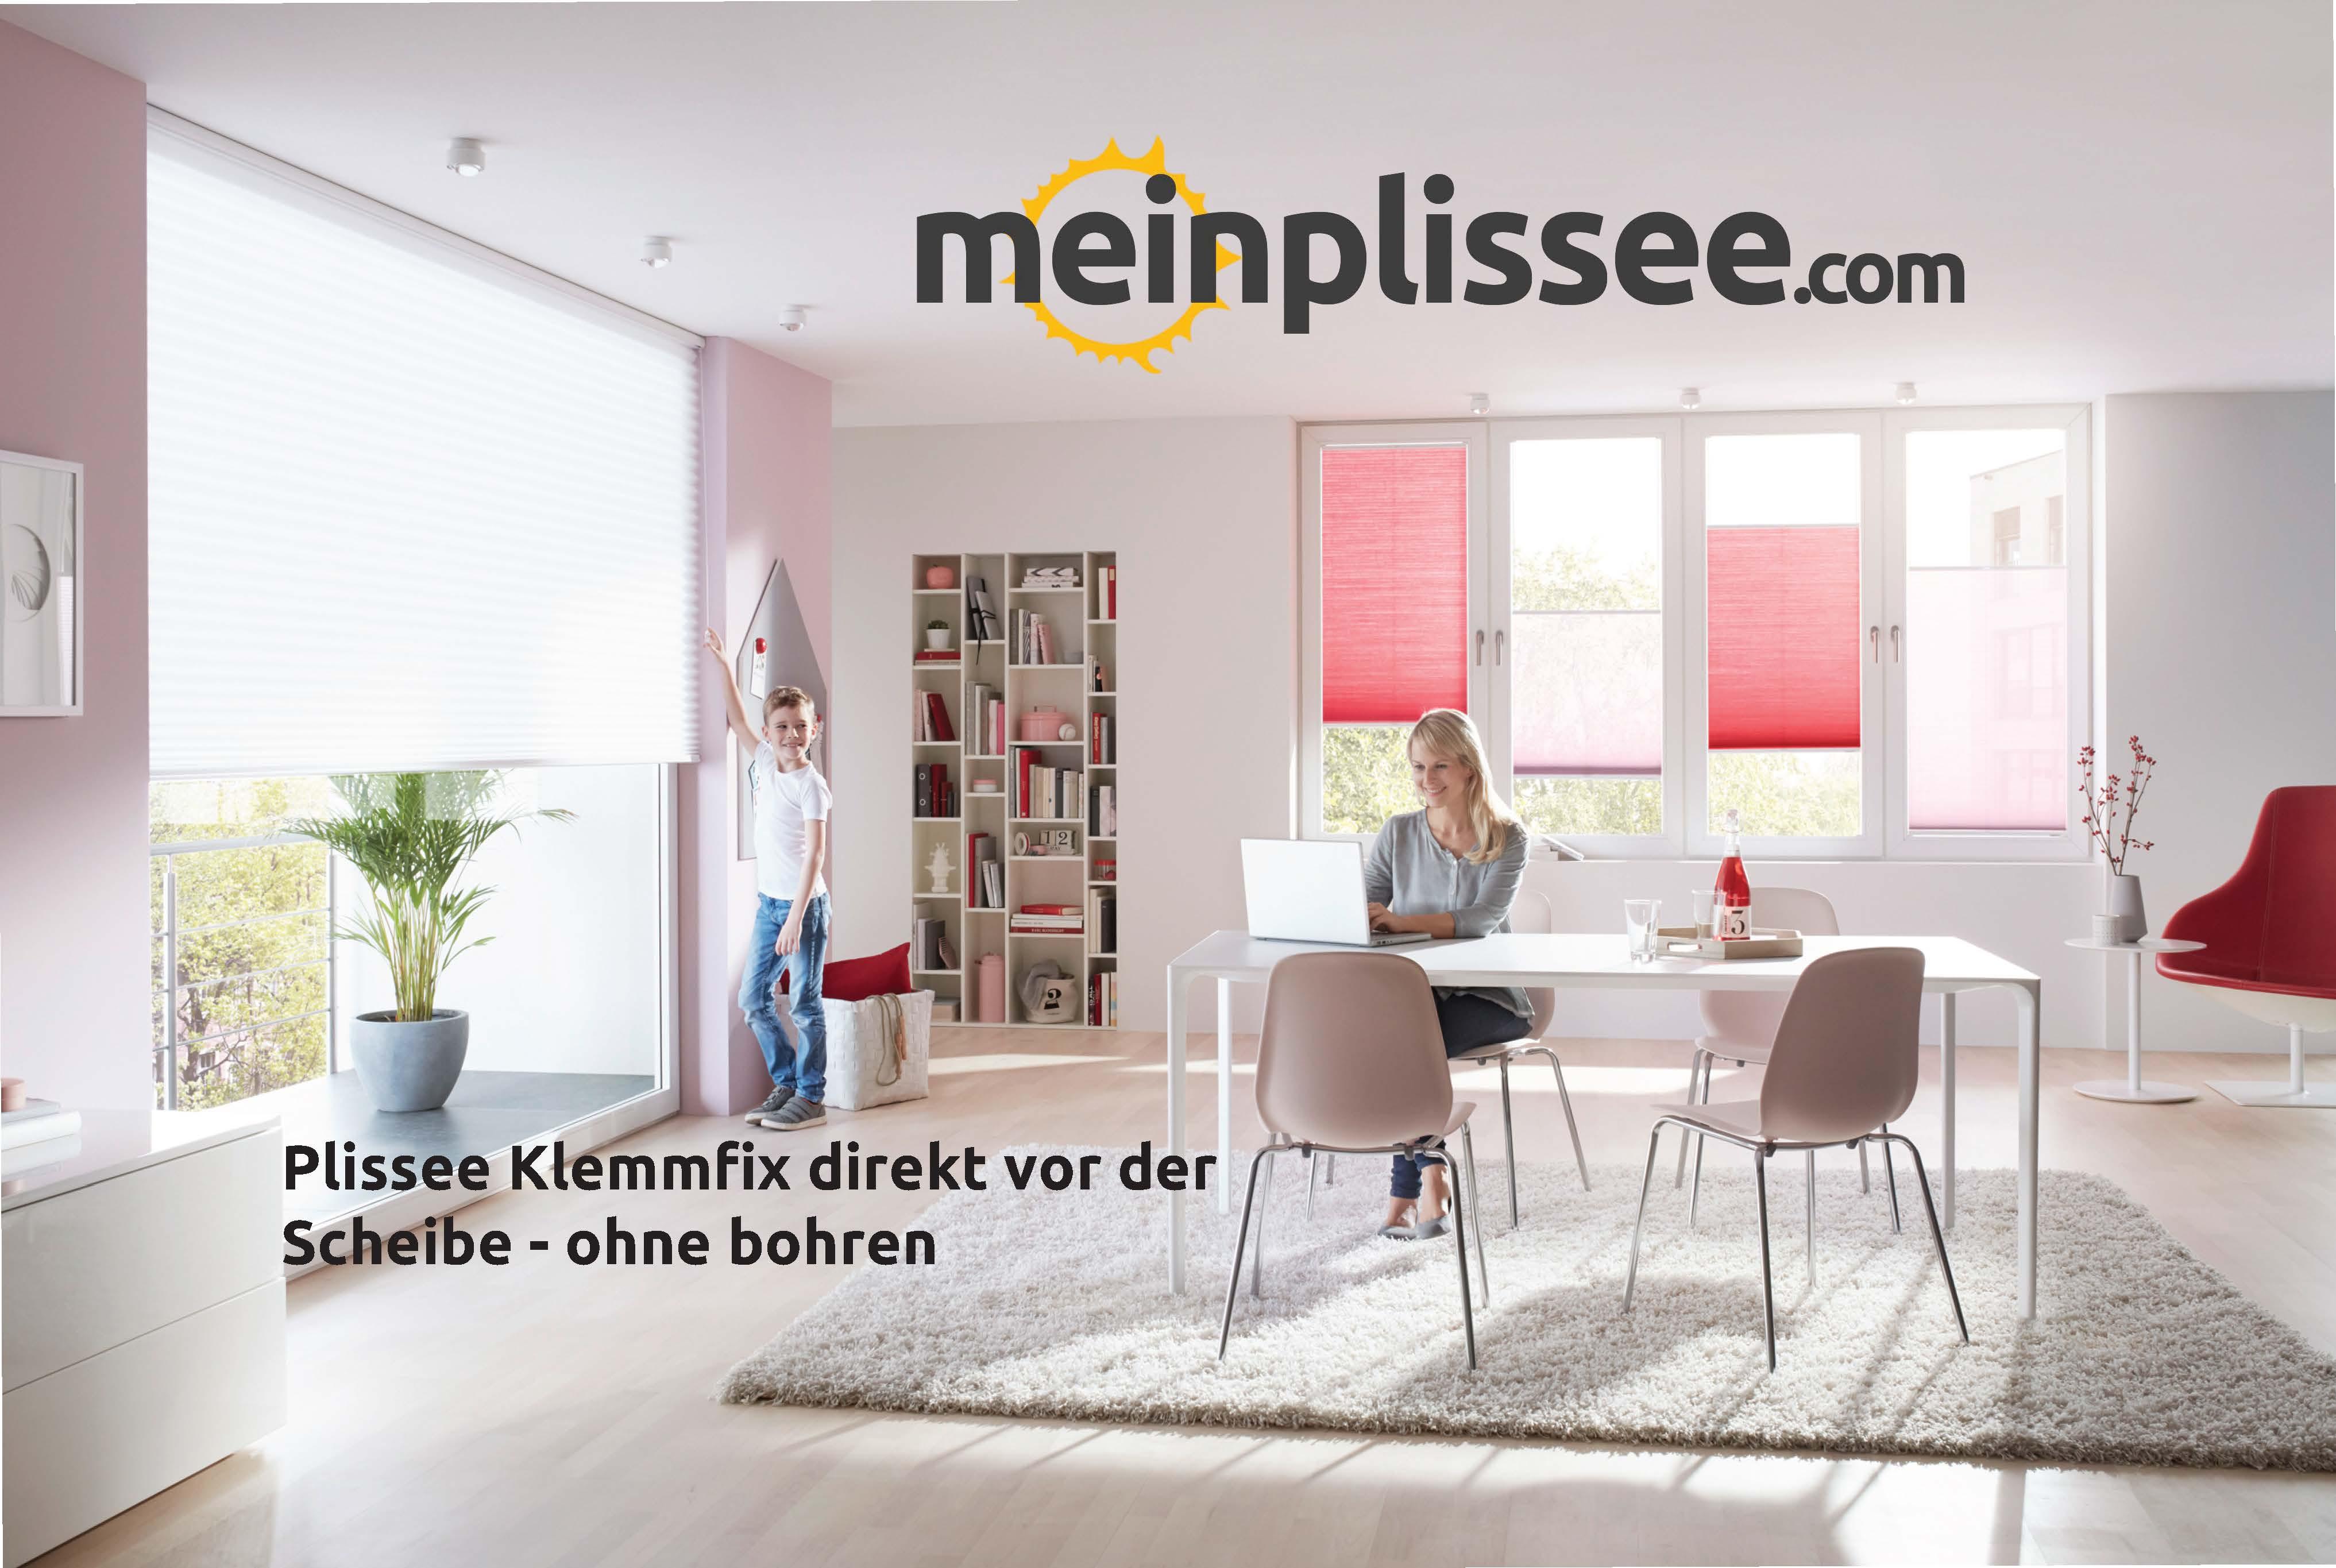 Plissee Montage Daheim Mit Klemmfix Ohne Bohren Mein Plissee